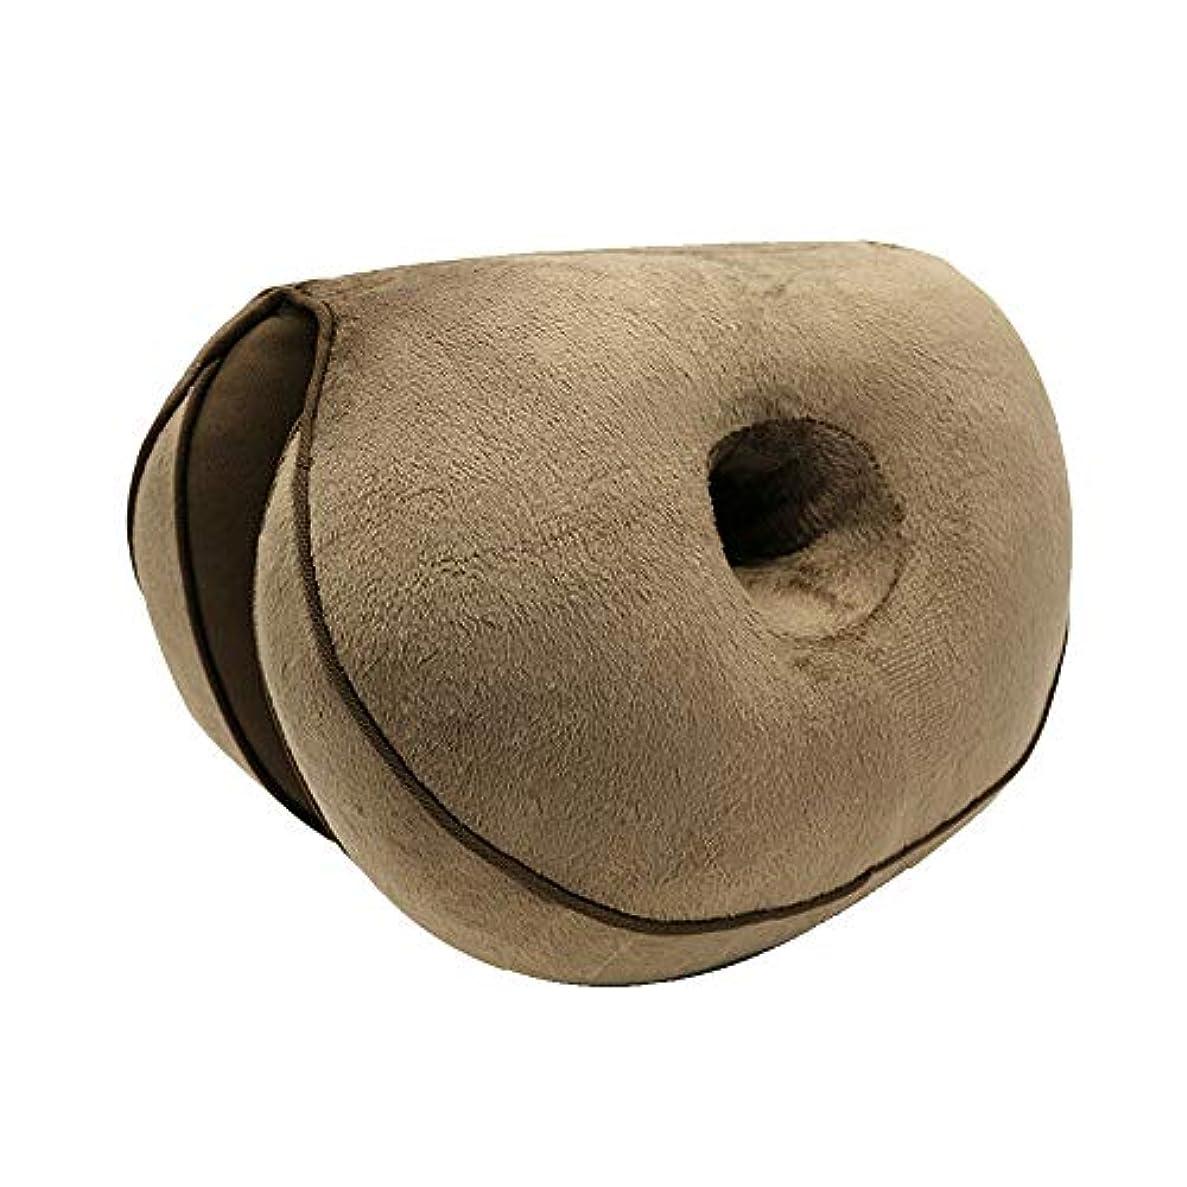 かご農夫理容師LIFE 新デュアルシートクッション低反発ラテックスオフィスチェアバックシートクッション快適な臀部マットパッド枕旅行枕女性女の子 クッション 椅子